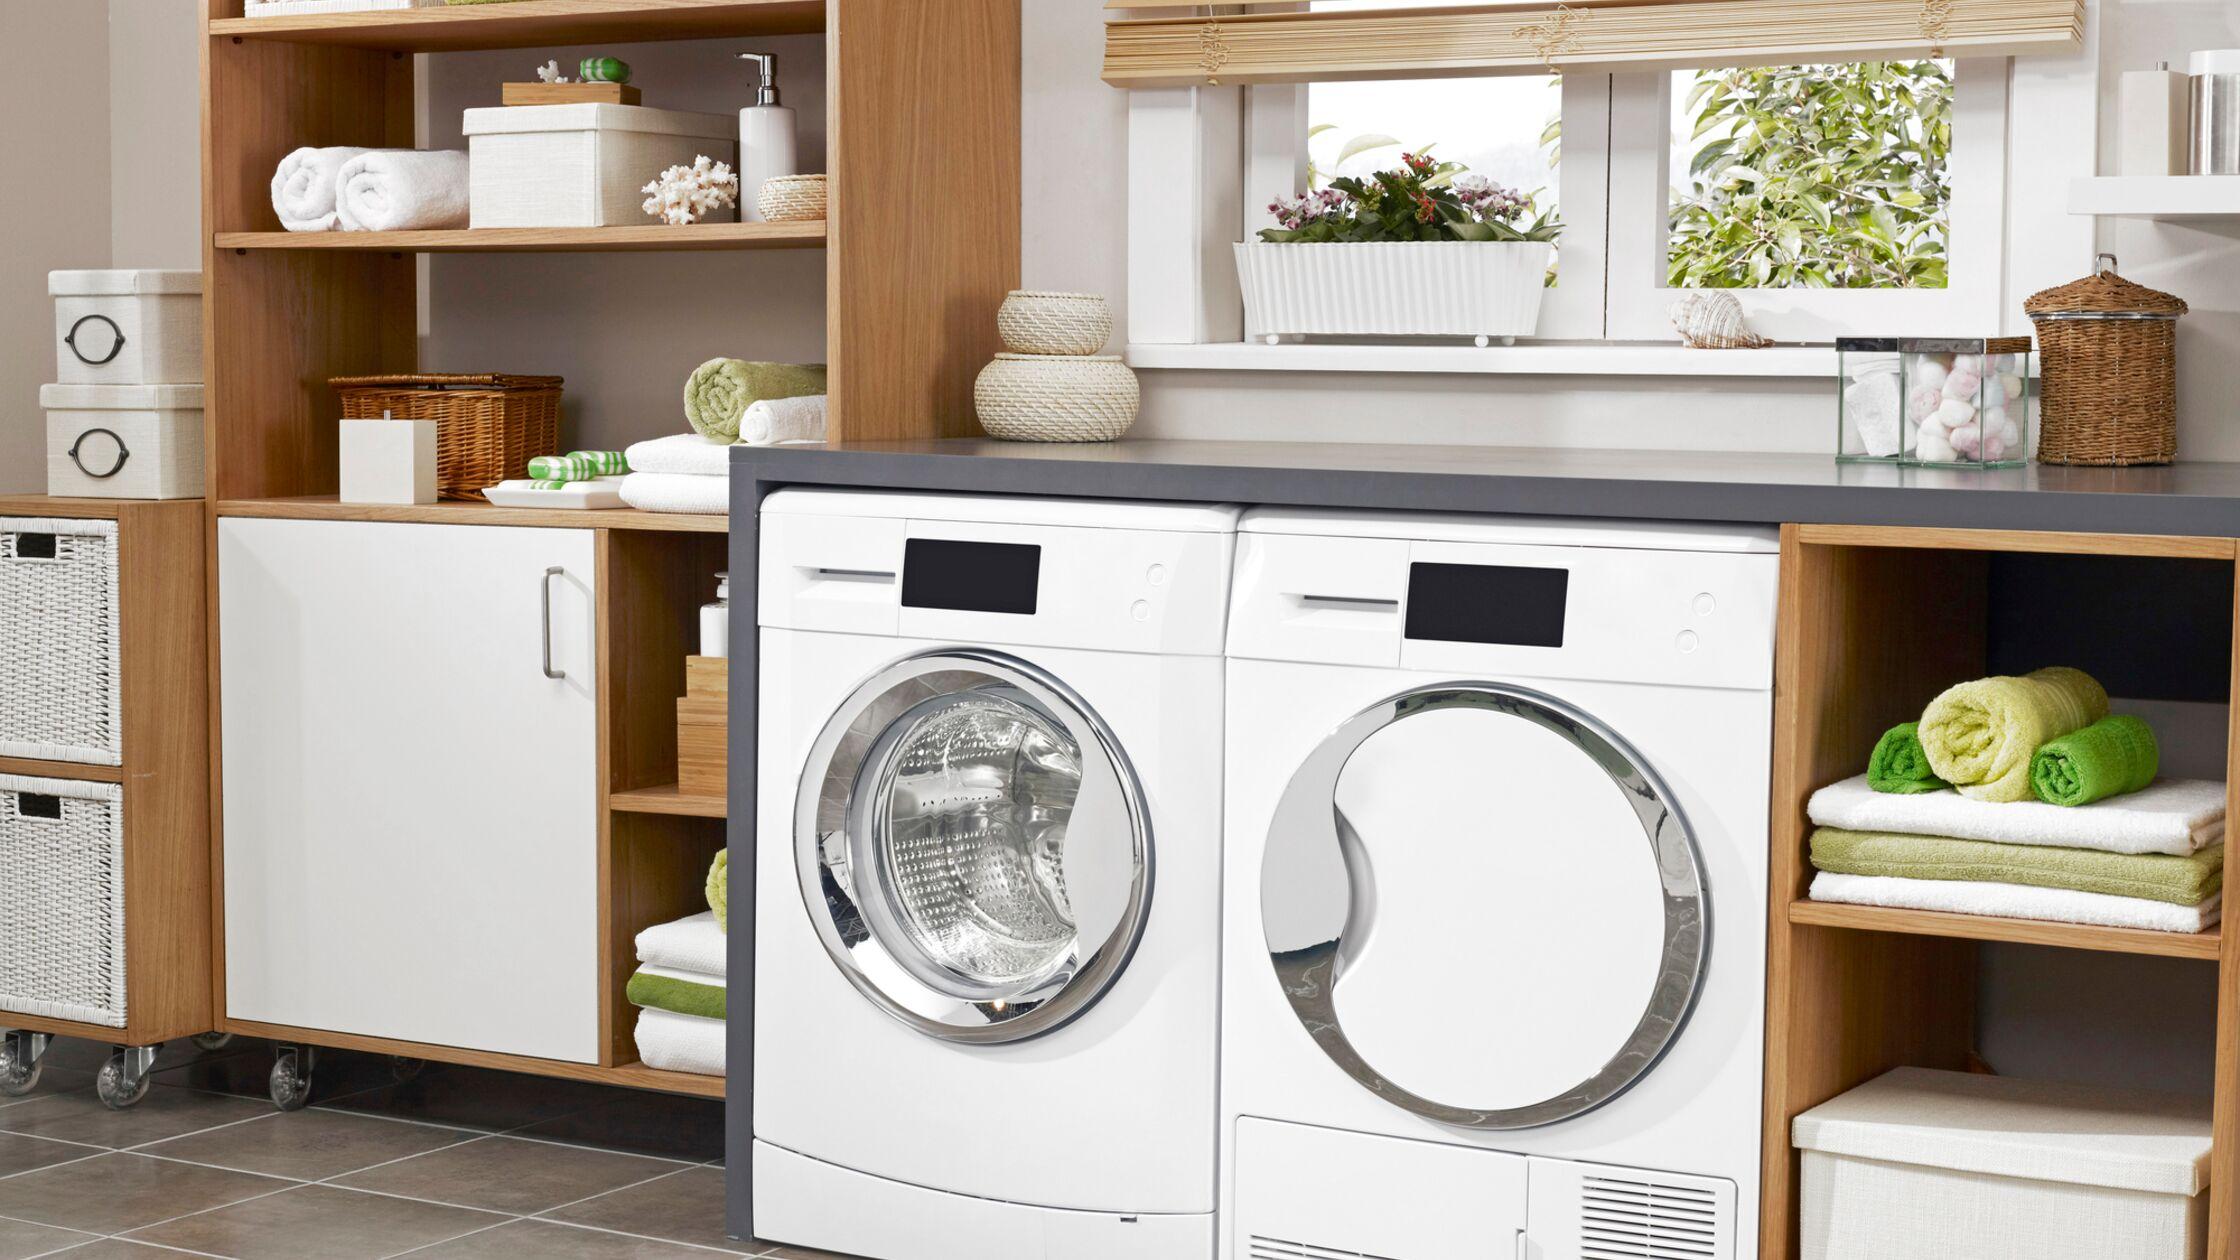 Waschmaschine und Trockner inmitten von Badezimmermöbeln auf Kachelboden.